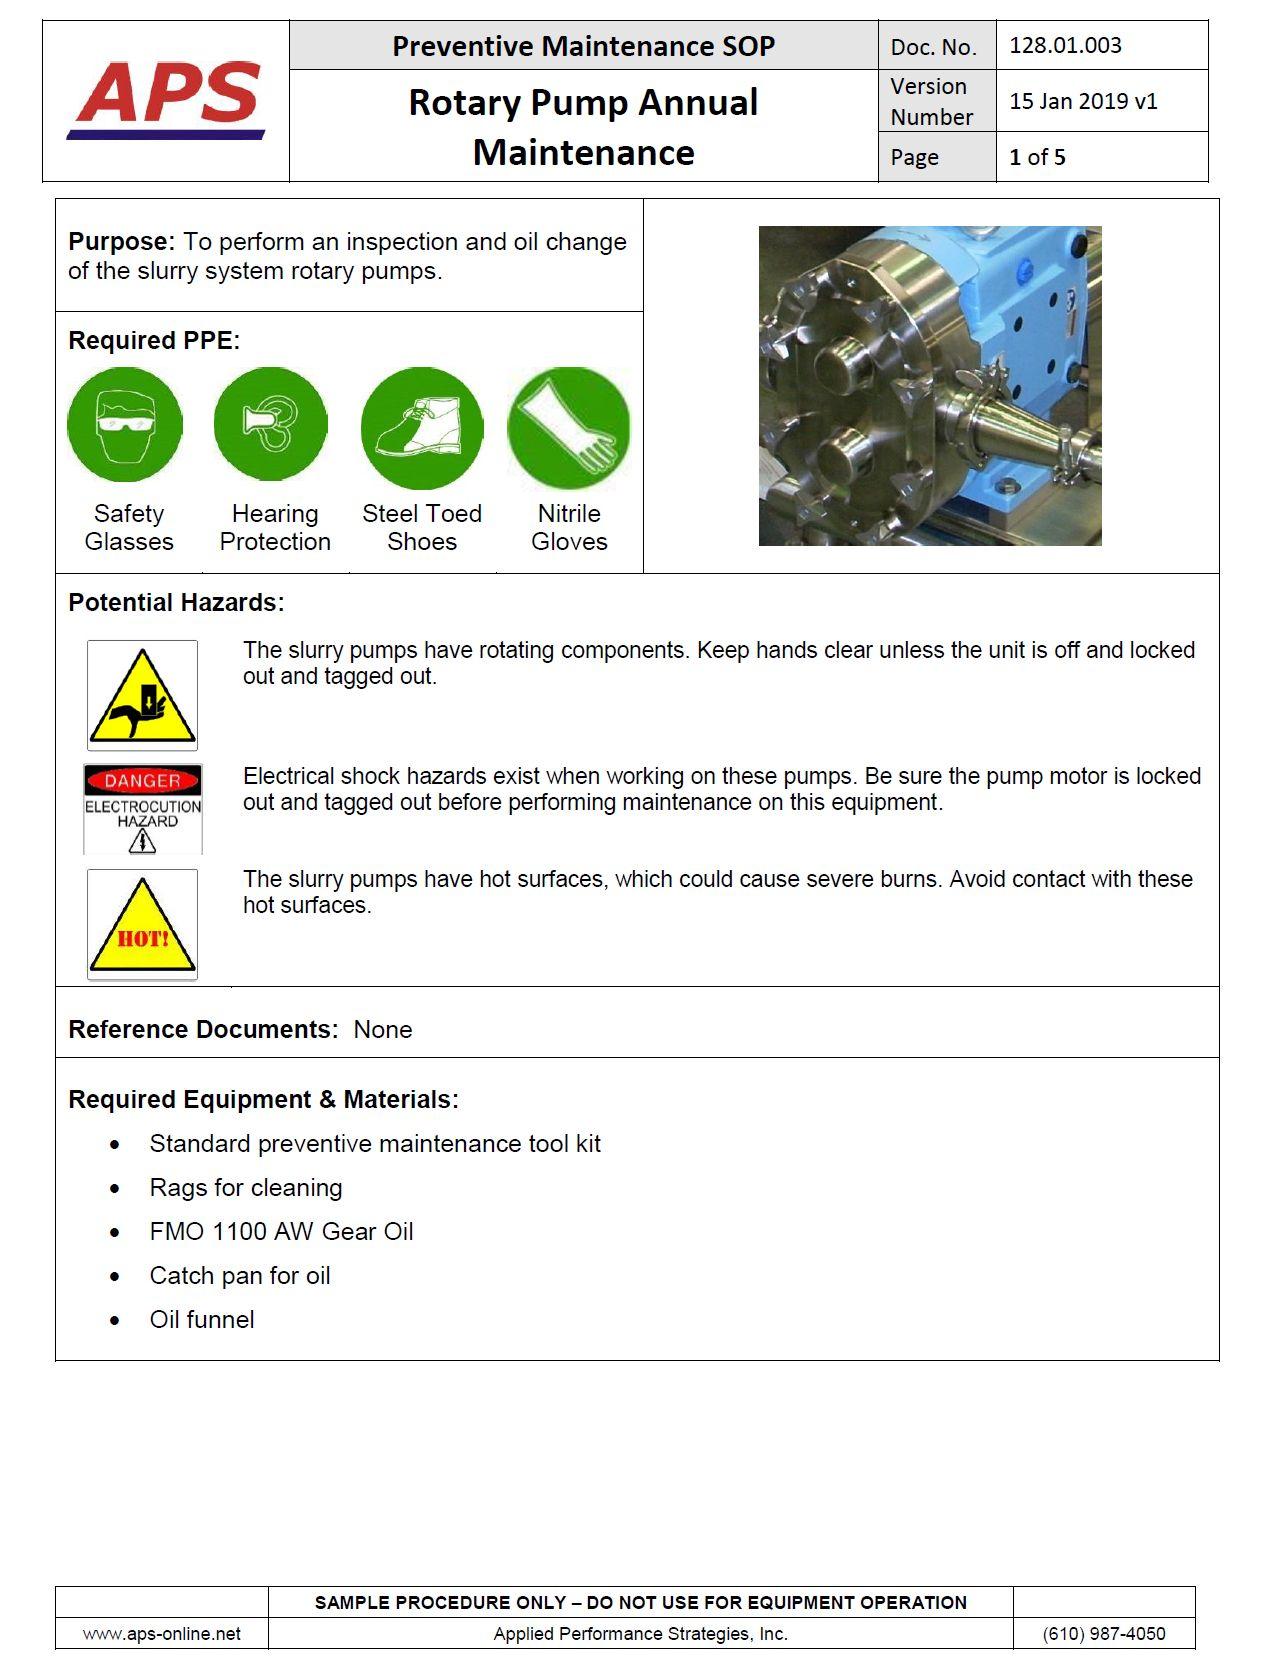 Preventive Maintenance (PM) Procedure Writing Services - APS